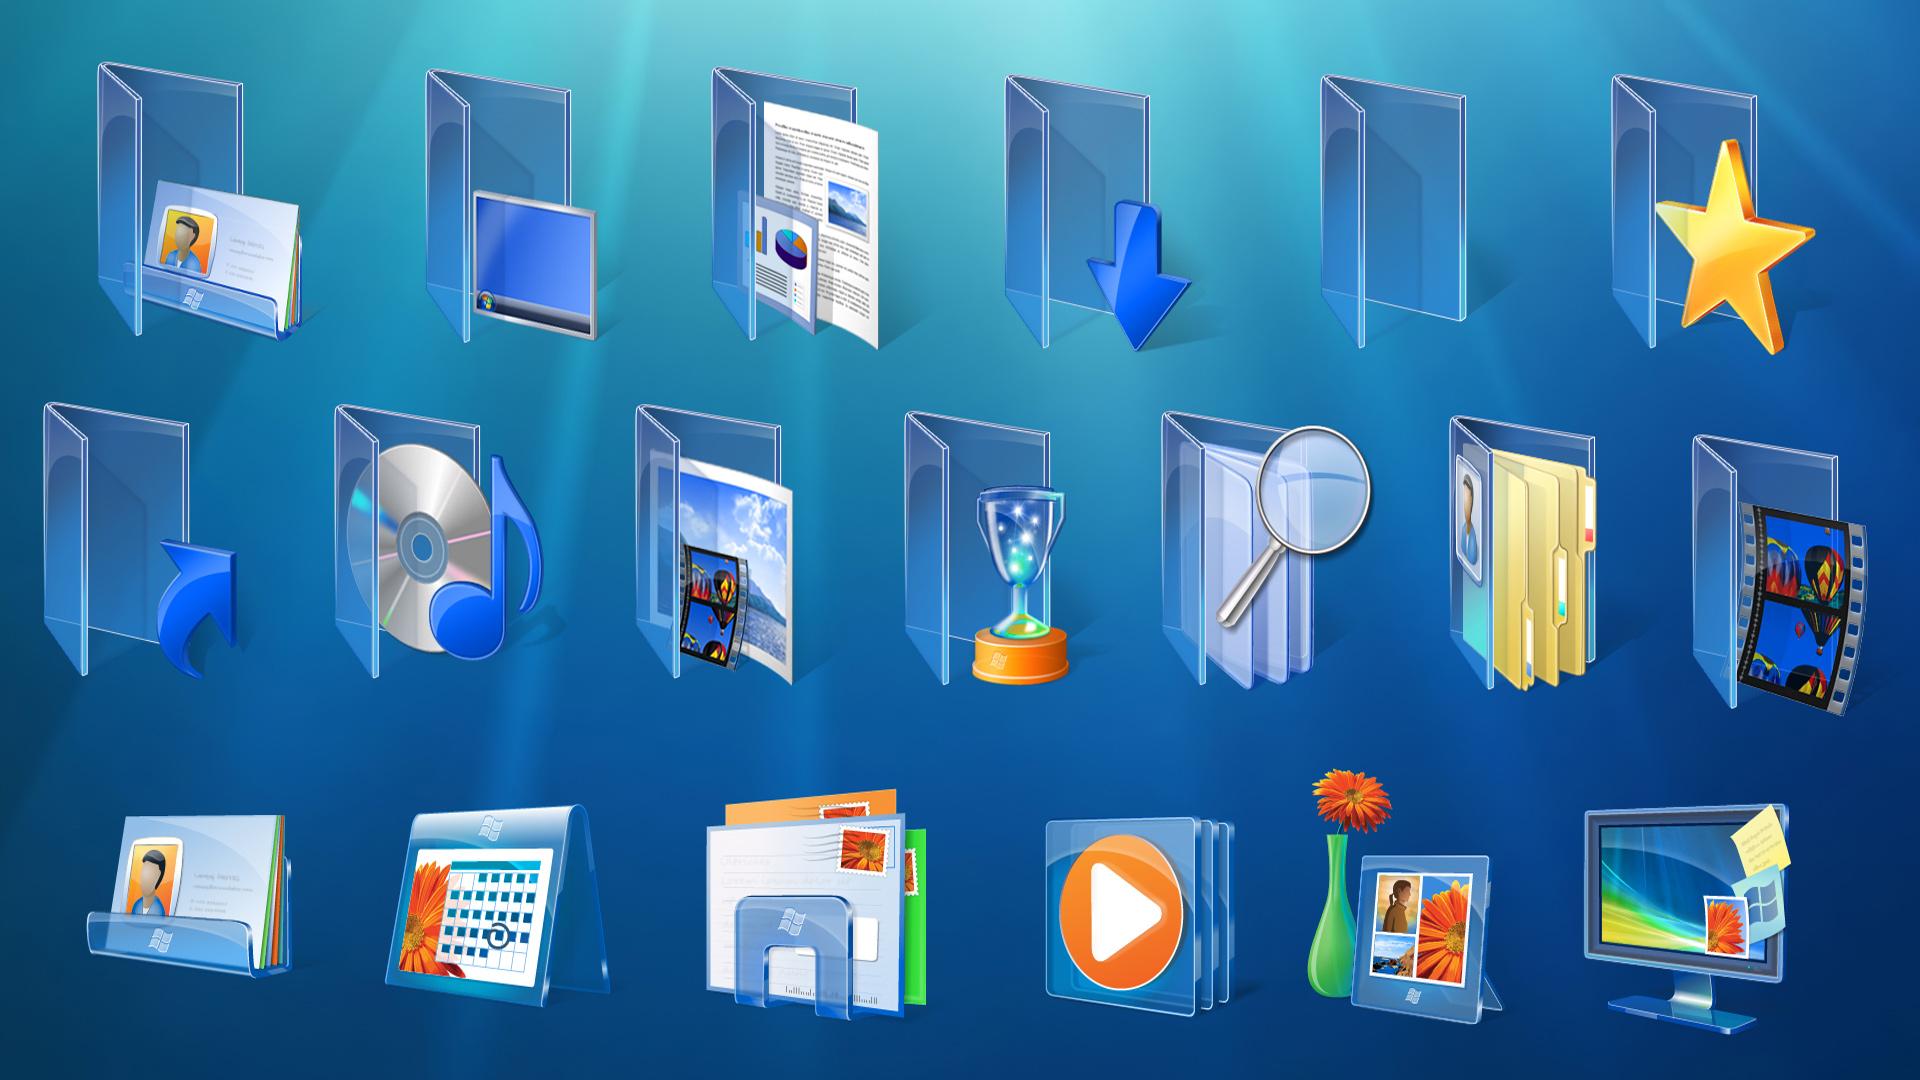 Обои на рабочий стол для windows 7 скачать бесплатно » картинки и.